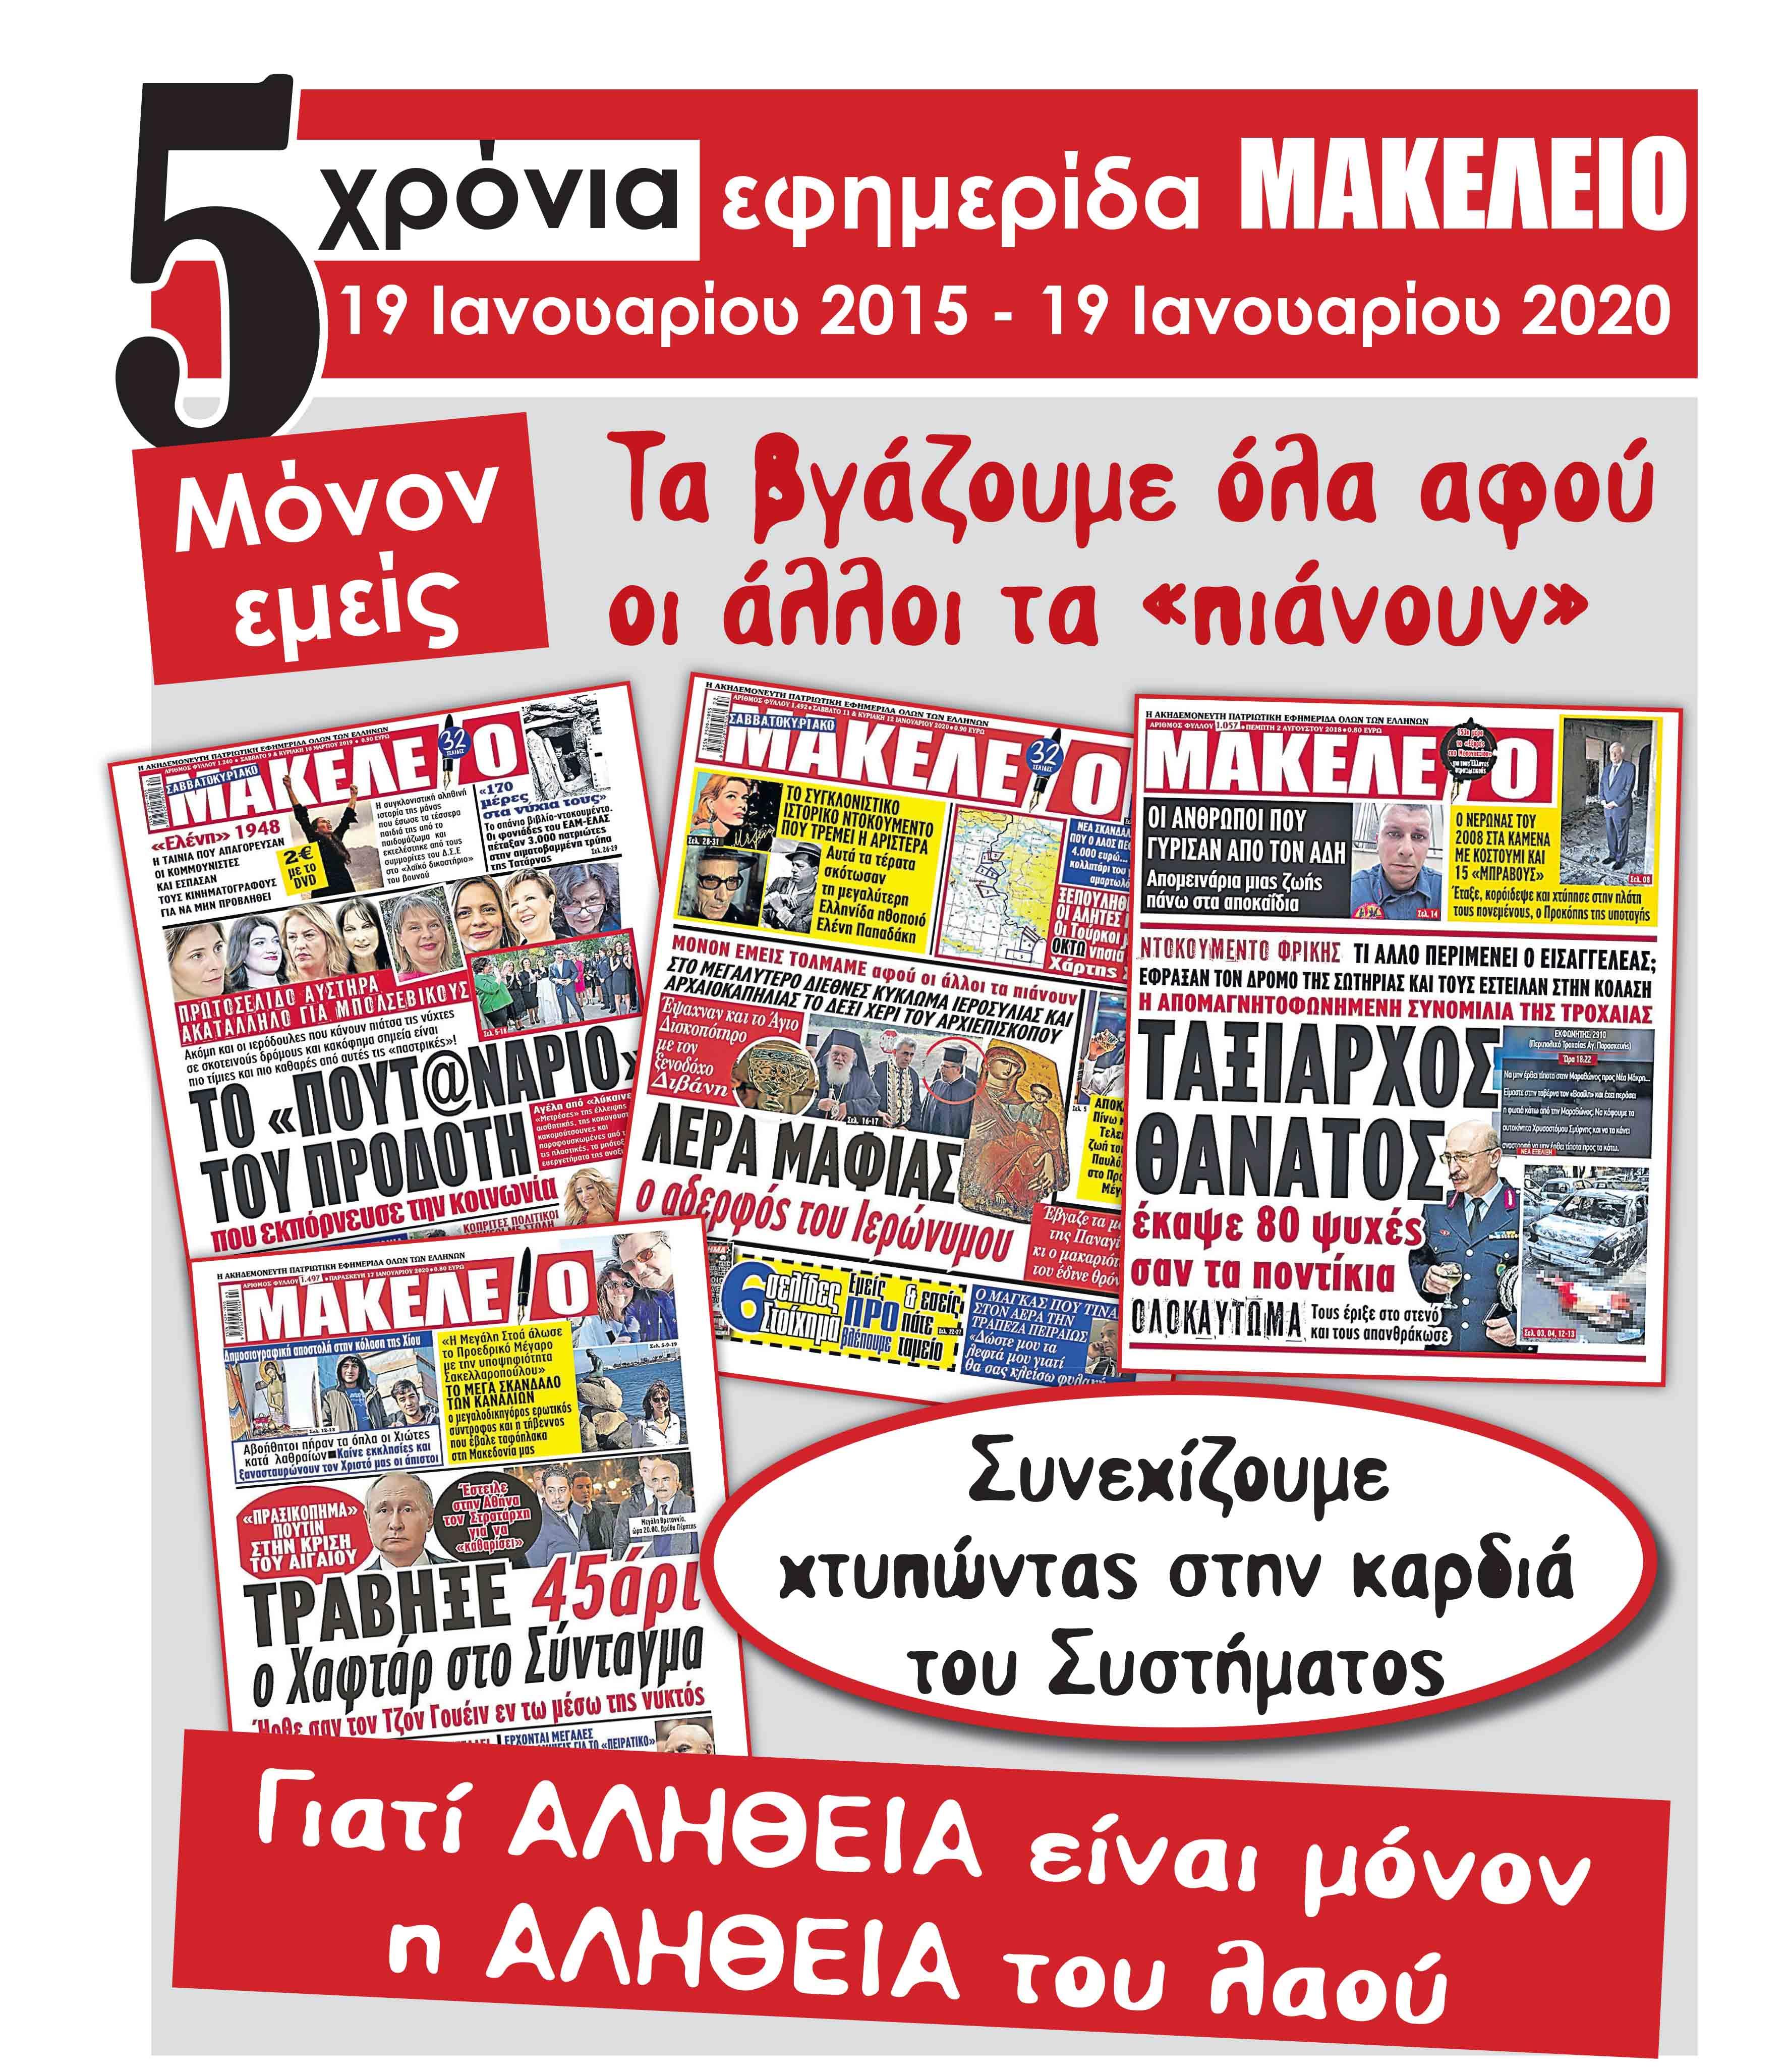 32_pente xronia makeleio.indd